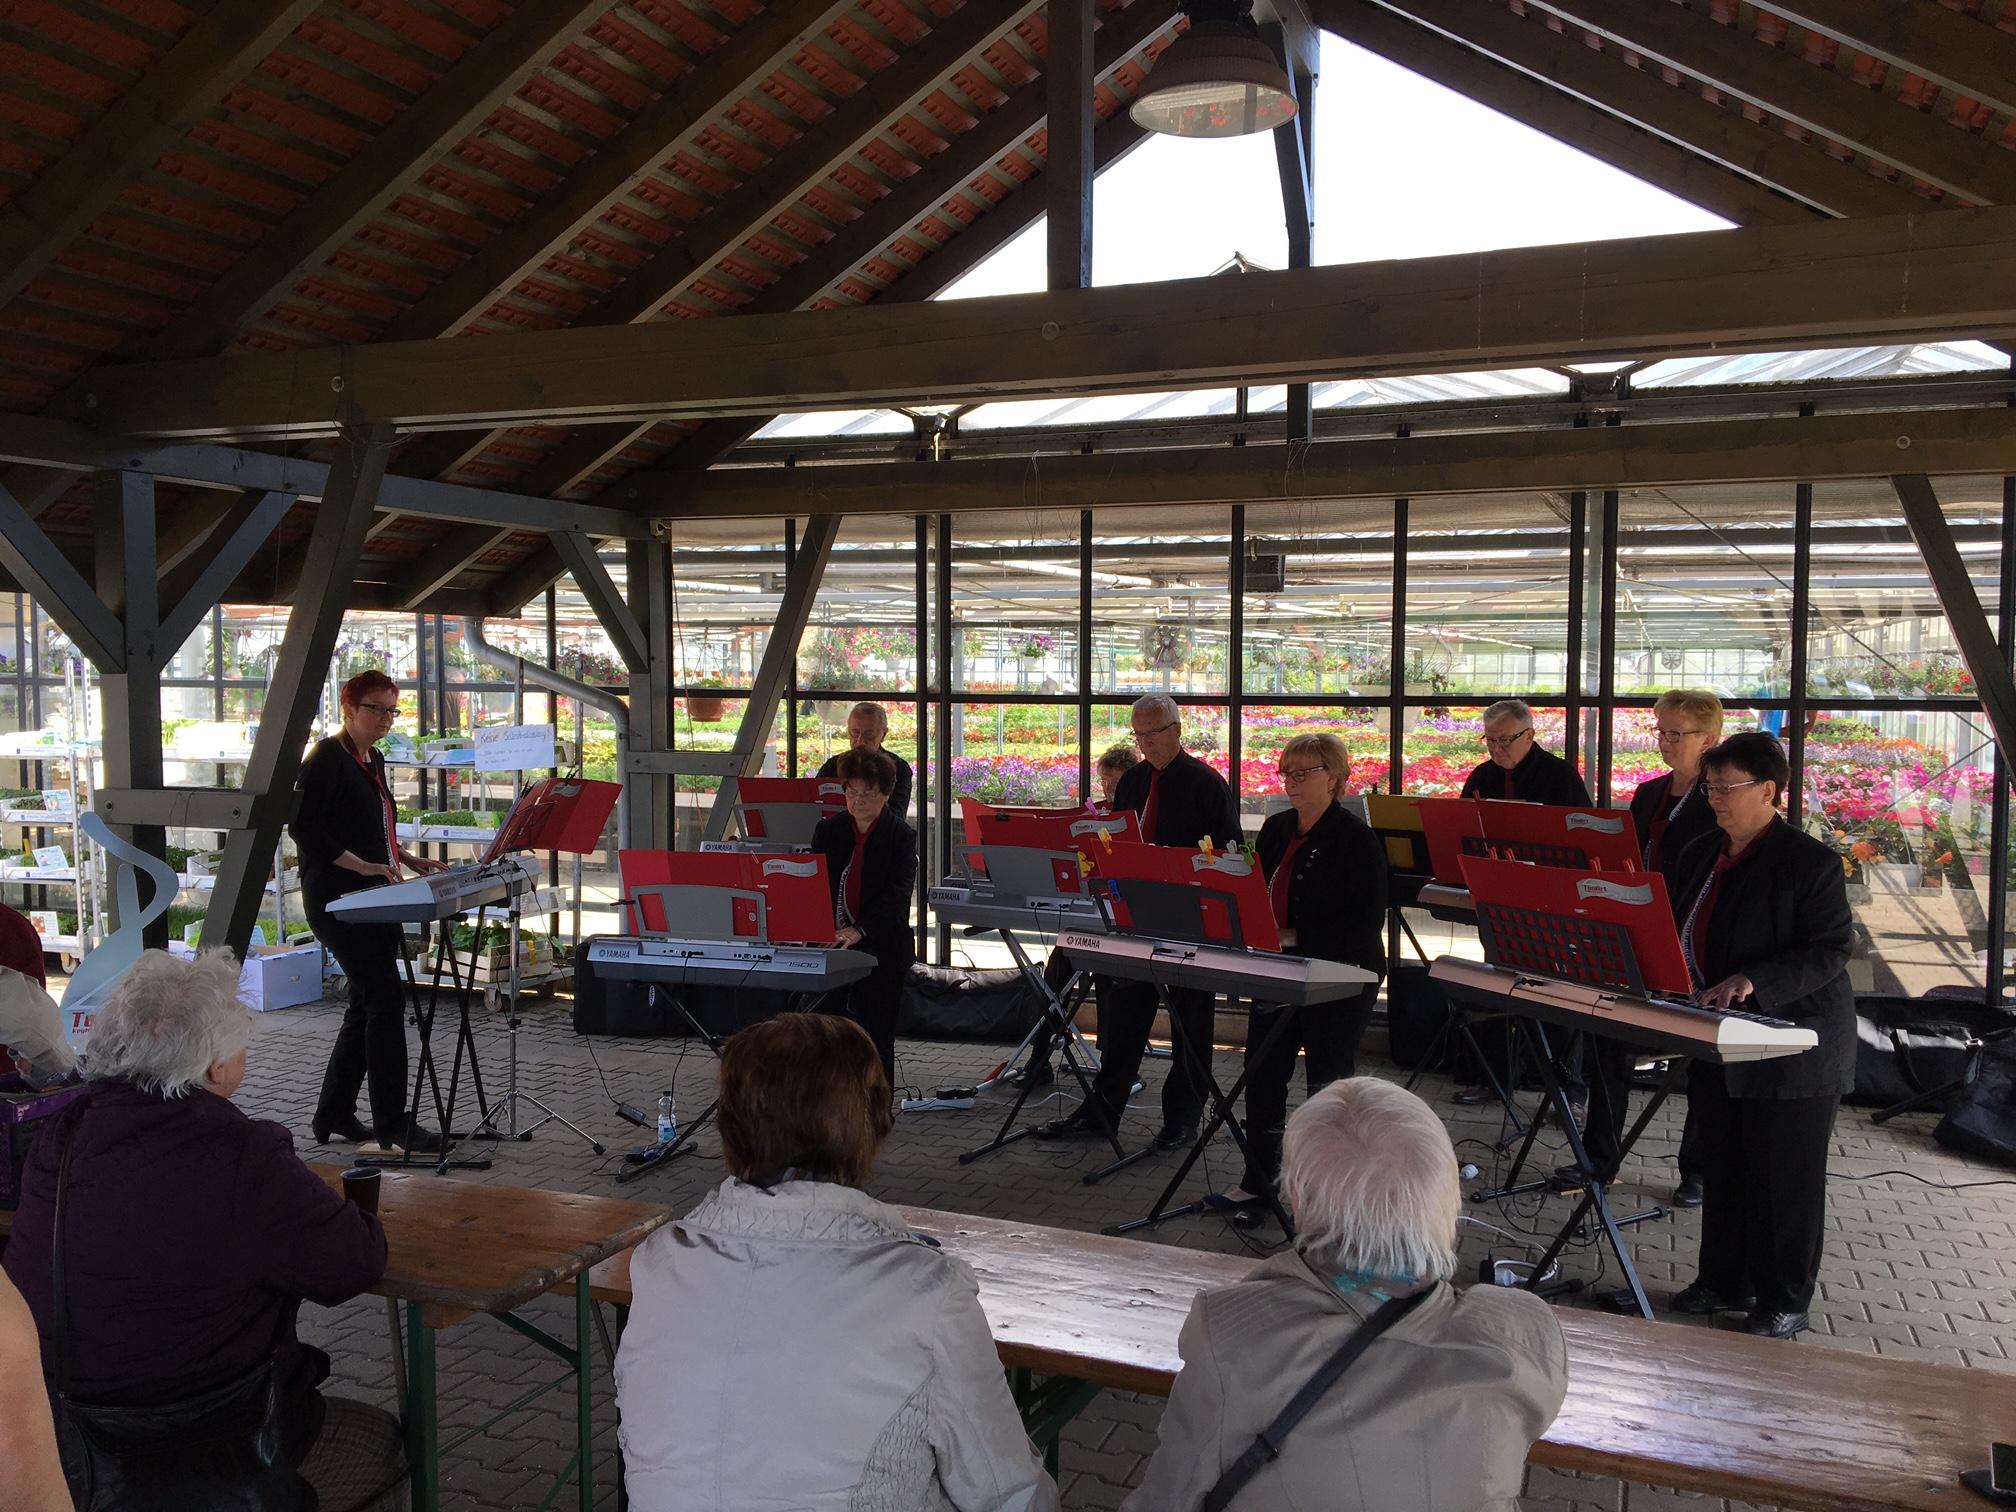 2017 -  Traditionell umrahmen wir den Tag der offenen Gärtnerei in der Sörnewitzer Gärtnerei Damme